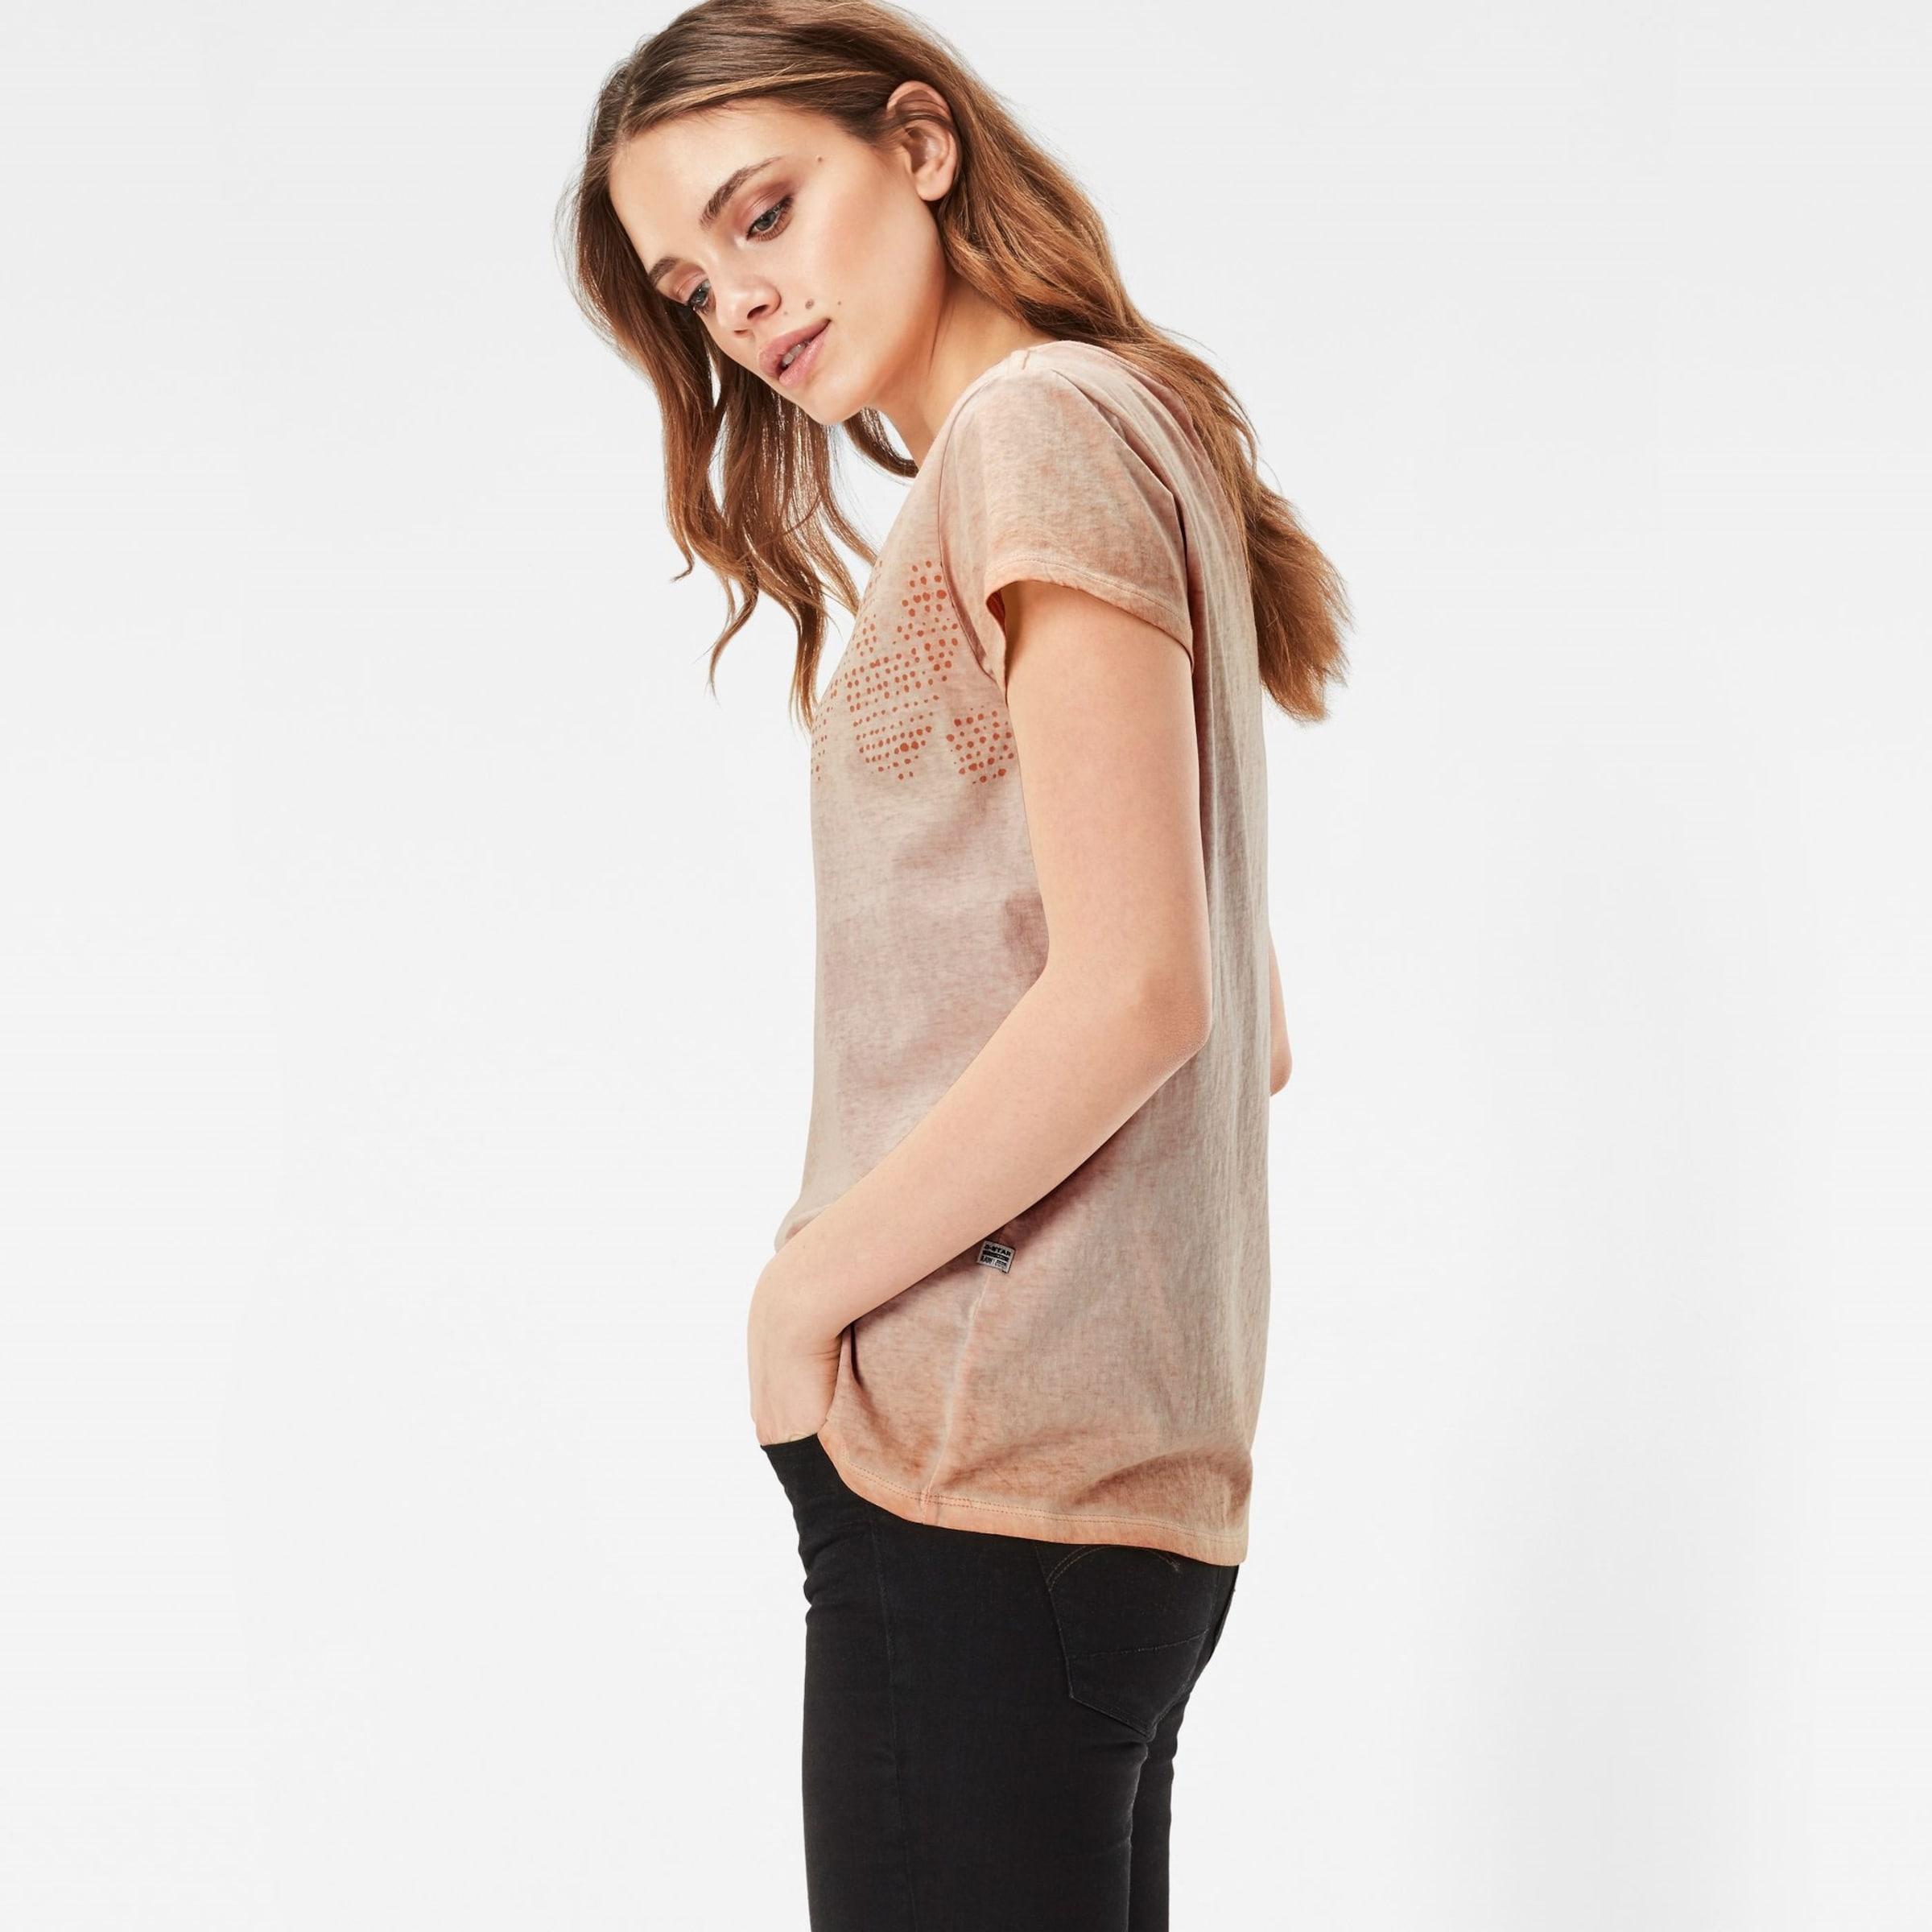 G-STAR RAW Printshirt 'Fotis' Factory-Outlet-Verkauf Breite Palette Von Online Insbesondere Rabatt  Verkauf Breite Palette Von V0XiY